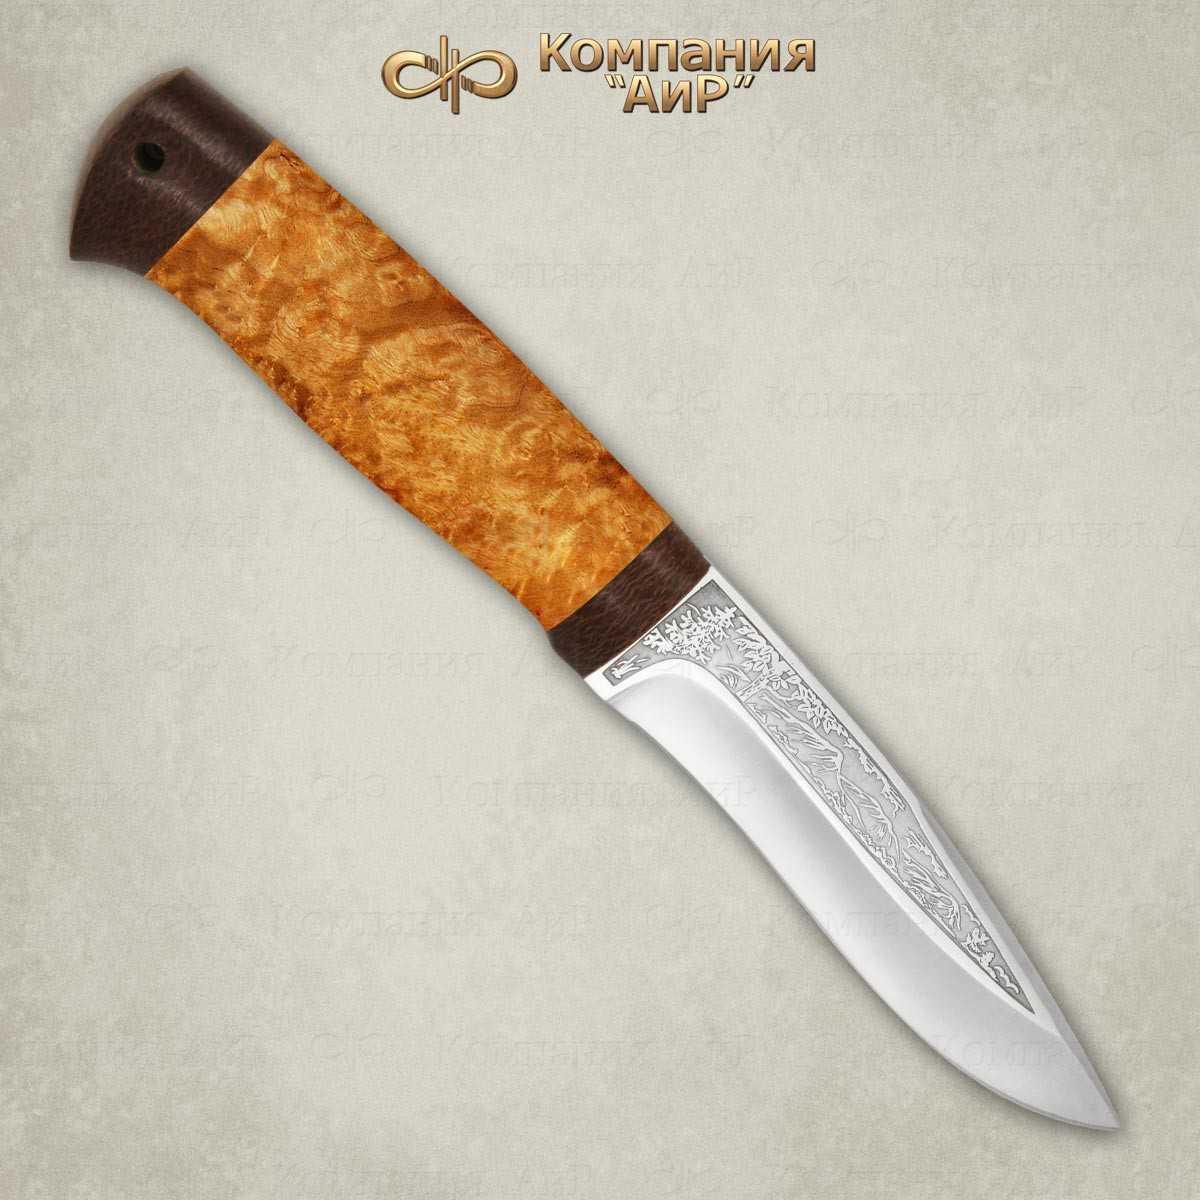 Нож Шаман-2, АиР, карельская береза, 95х18